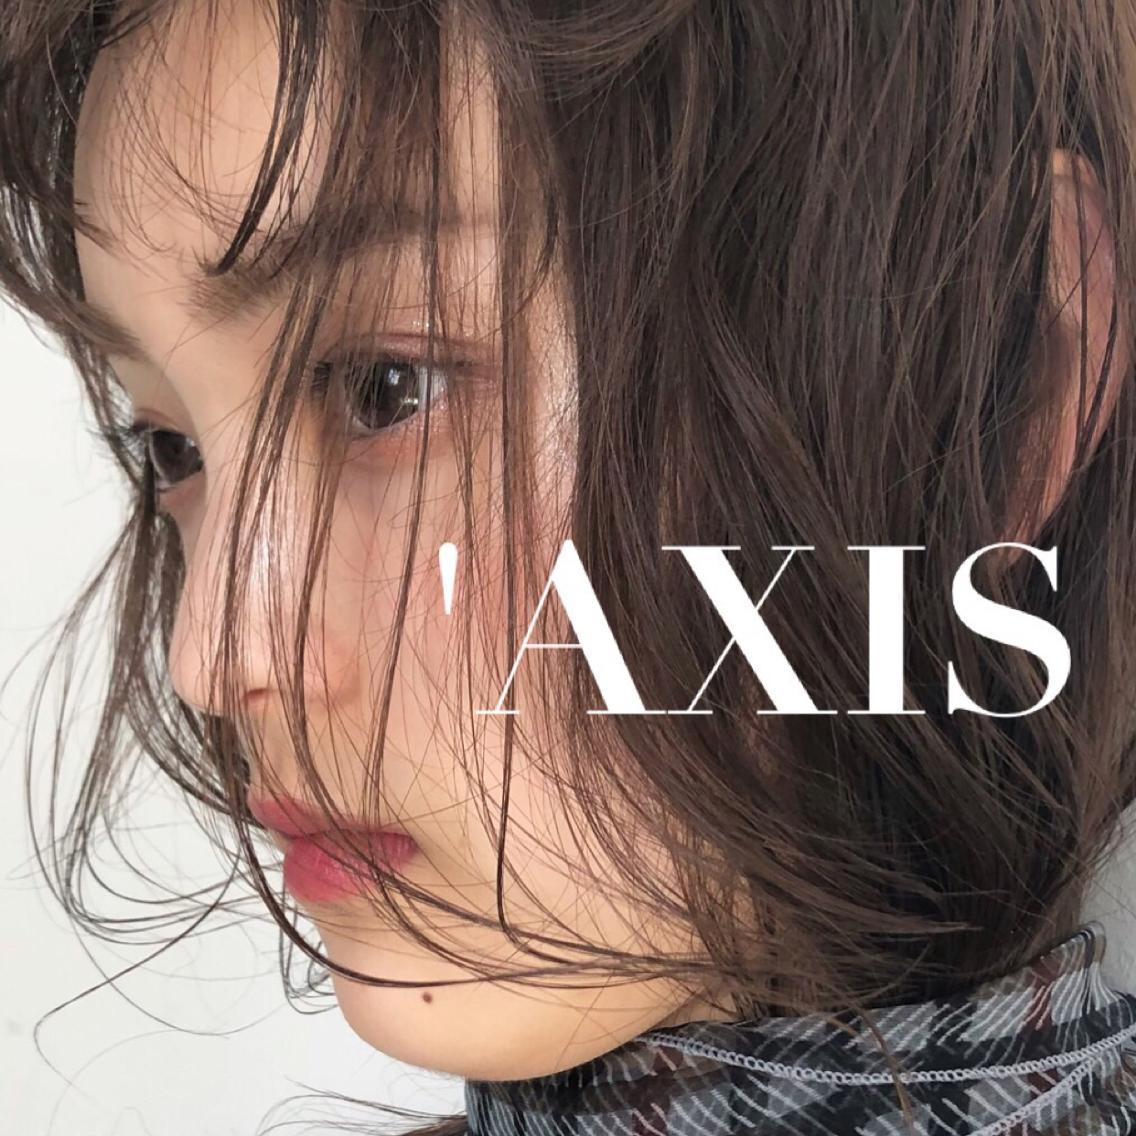 ❣️絶対に可愛くします❣️【名古屋の有名店'AXIS】で旬なカラーしませんか??パーマで今どきくせ毛風なんかも❤️